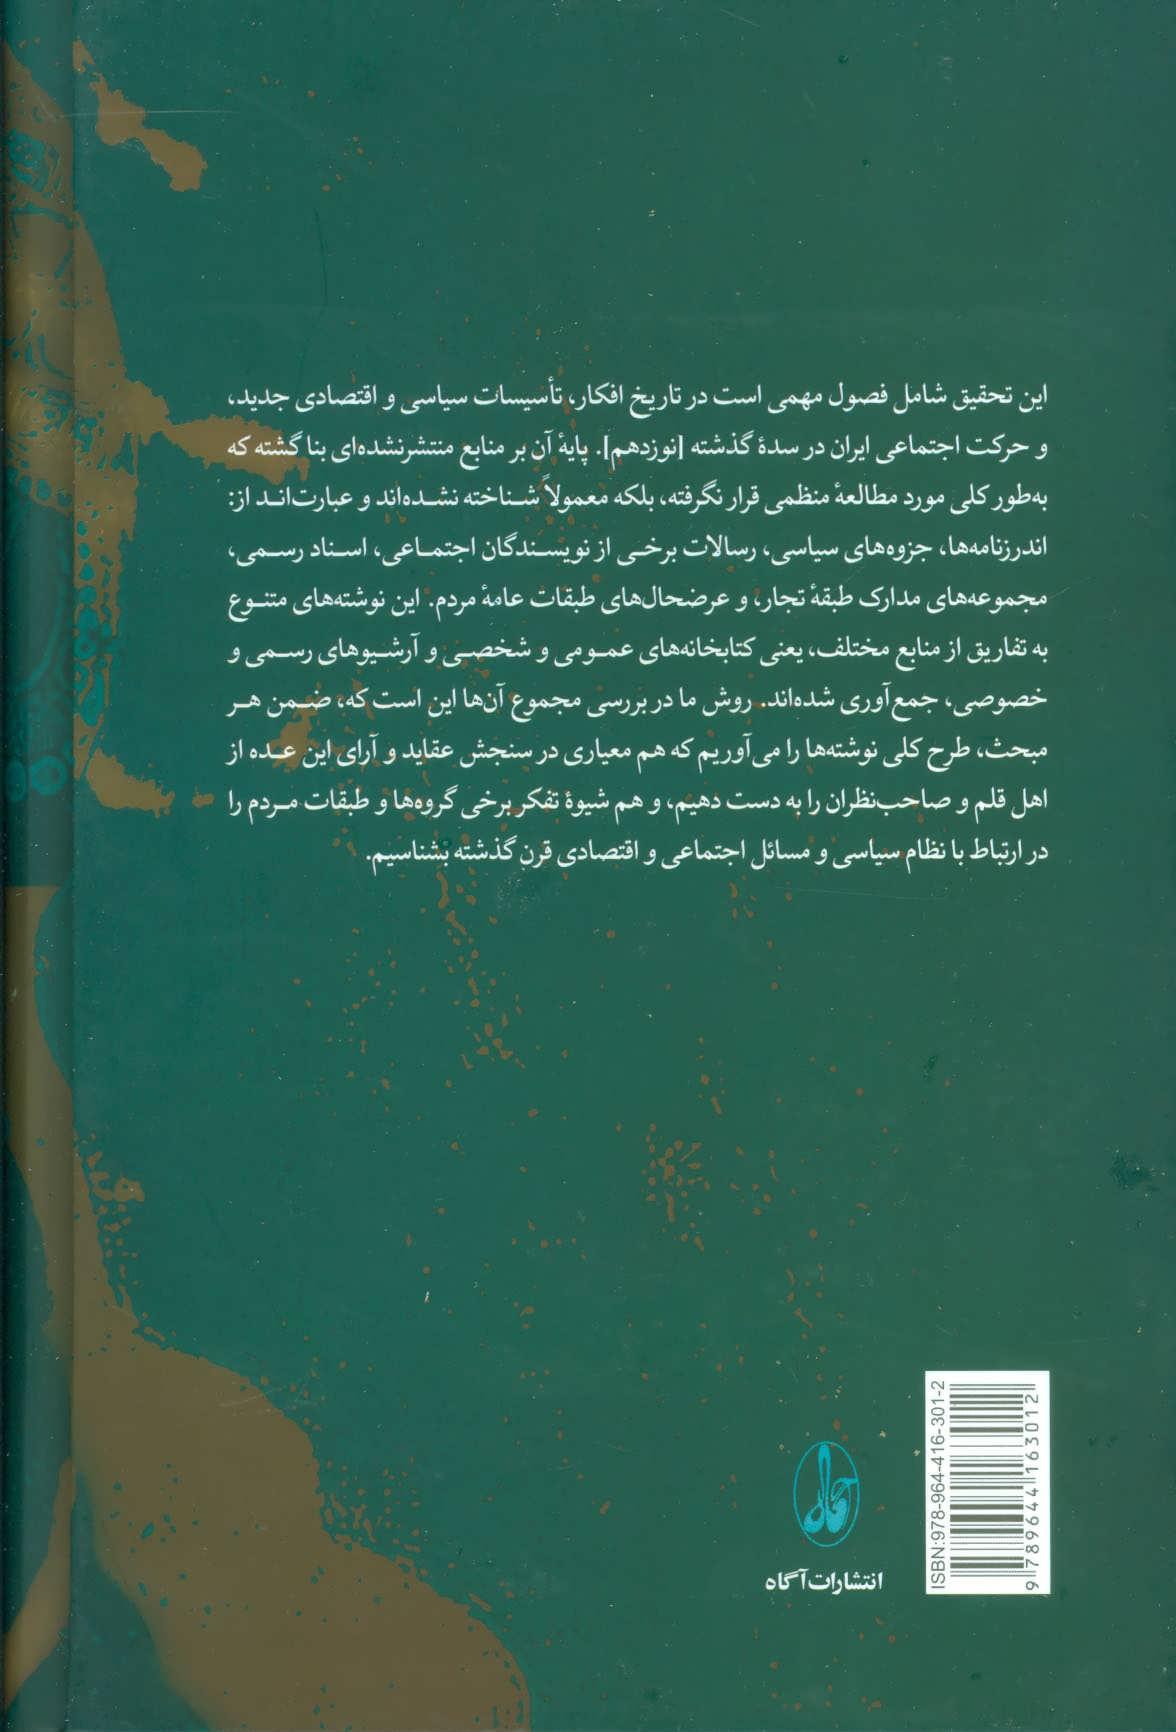 افکار اجتماعی،سیاسی و اقتصادی در آثار منتشر نشده دوران قاجار